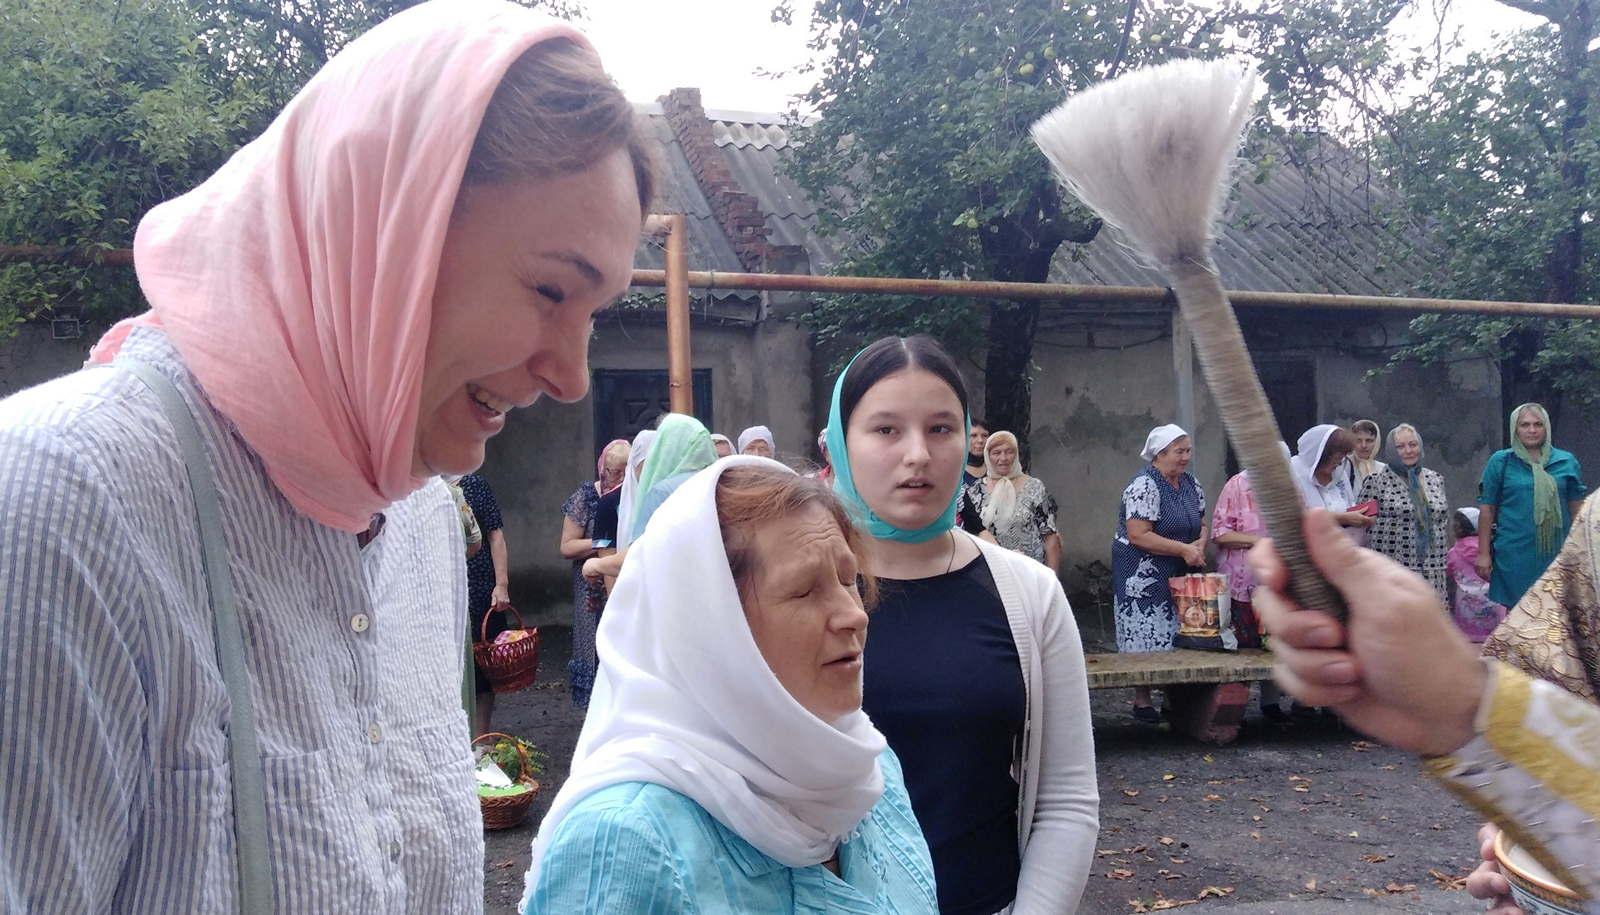 Preobrazhenie-Lugansk_19-08-2019_02